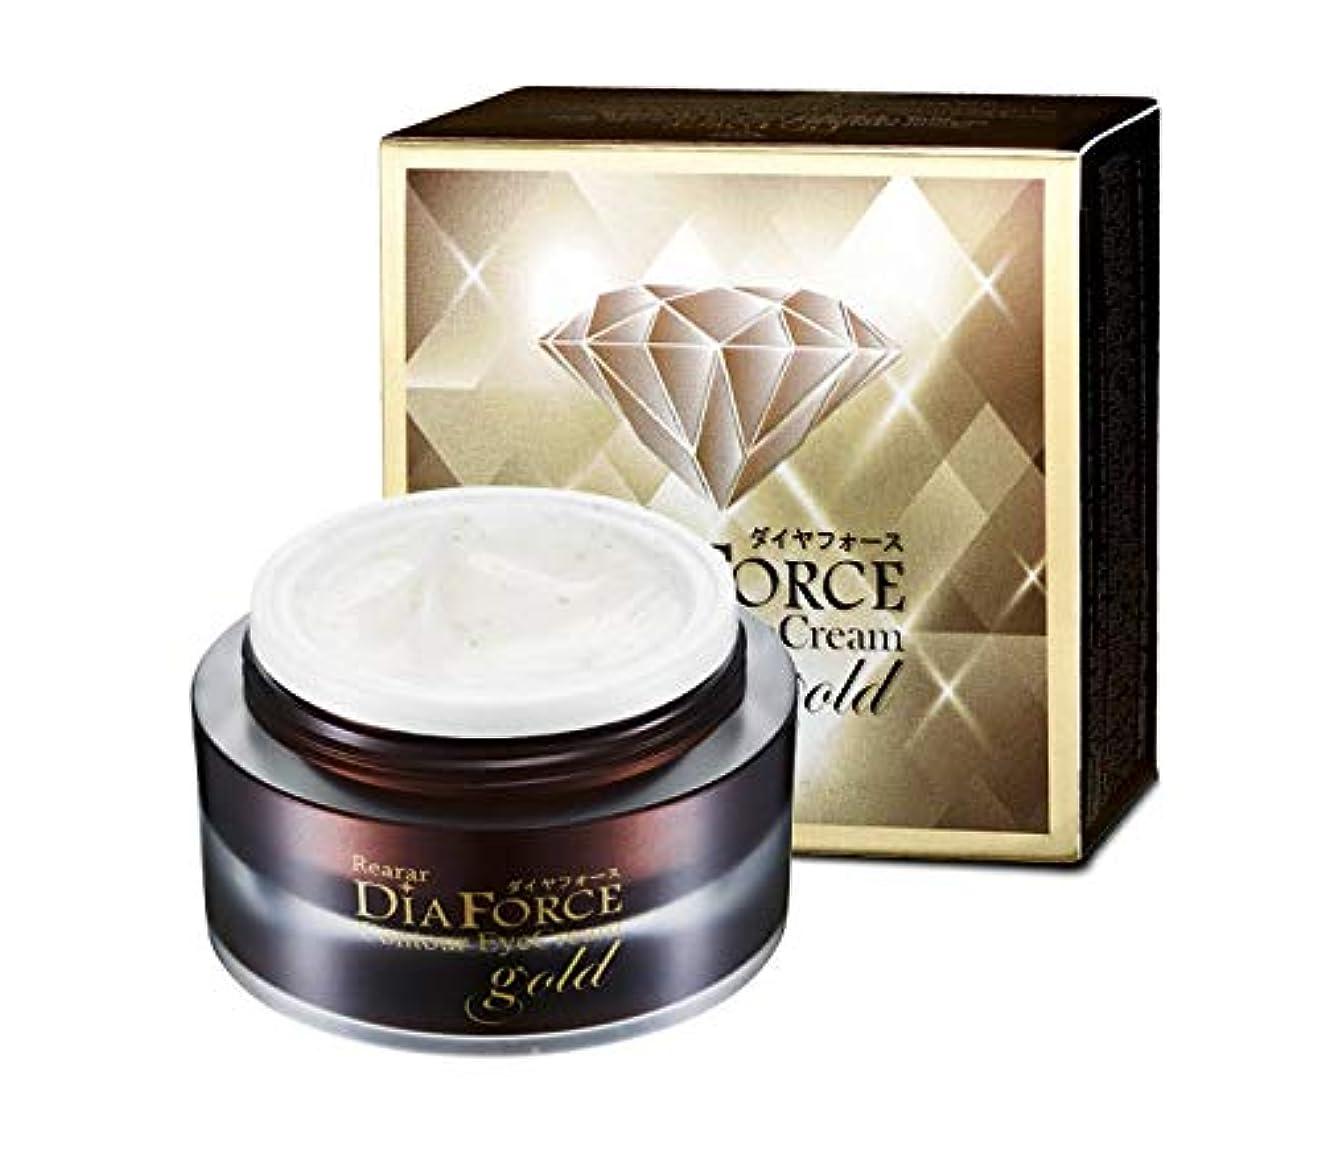 ぴかぴか注ぎますオーストラリア人REARAR後部のさまざまな制御なしの進化ゴールド韓国の有名なブランドの人気化粧品アイクリーム目元のしわ改善、肌の保湿の水分補給スキンケア